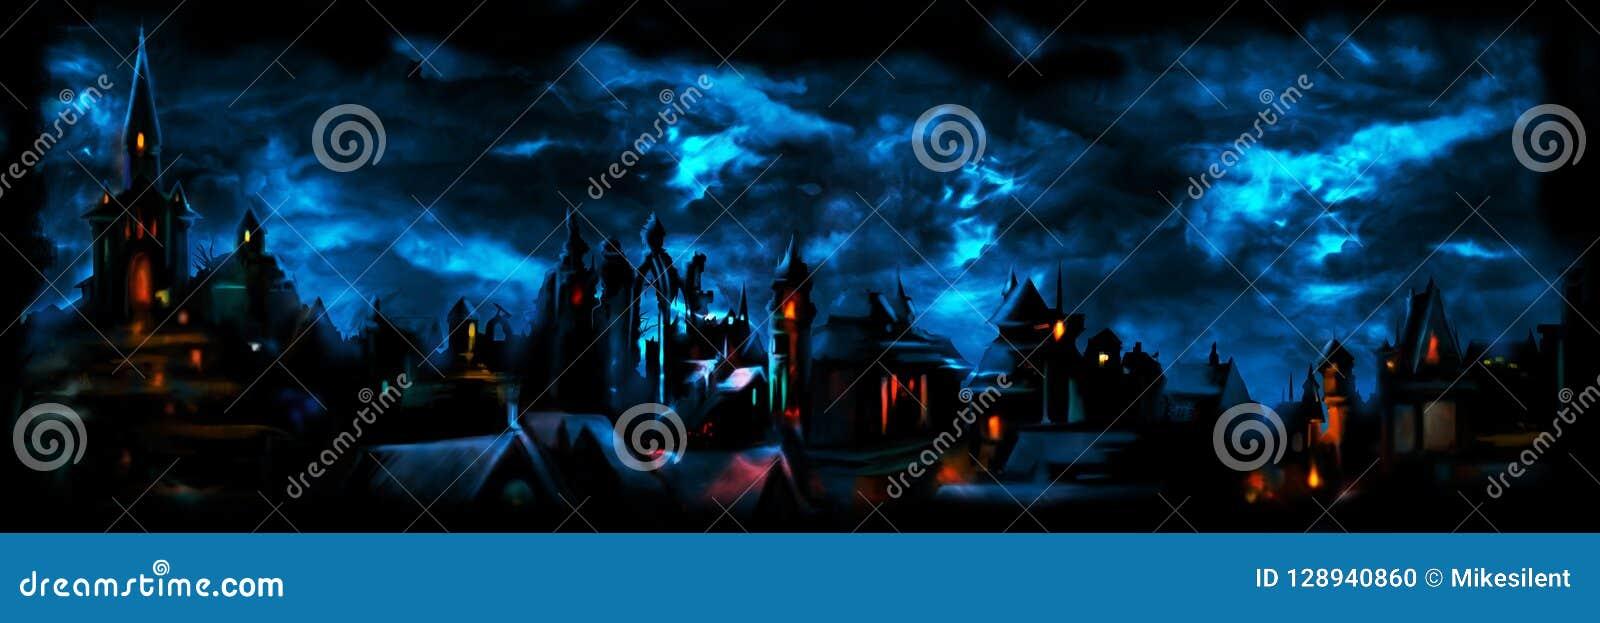 Insegna medievale della città di notte